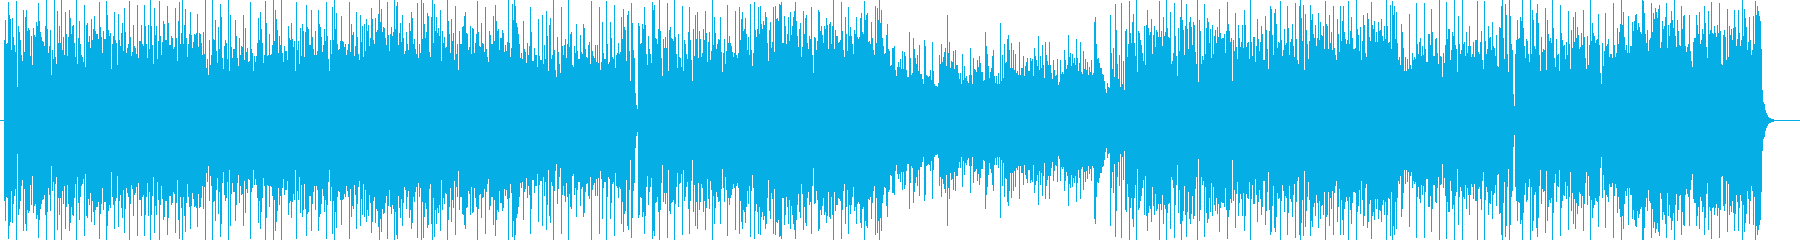 ストリングスによる疾走感のあるポップスの再生済みの波形